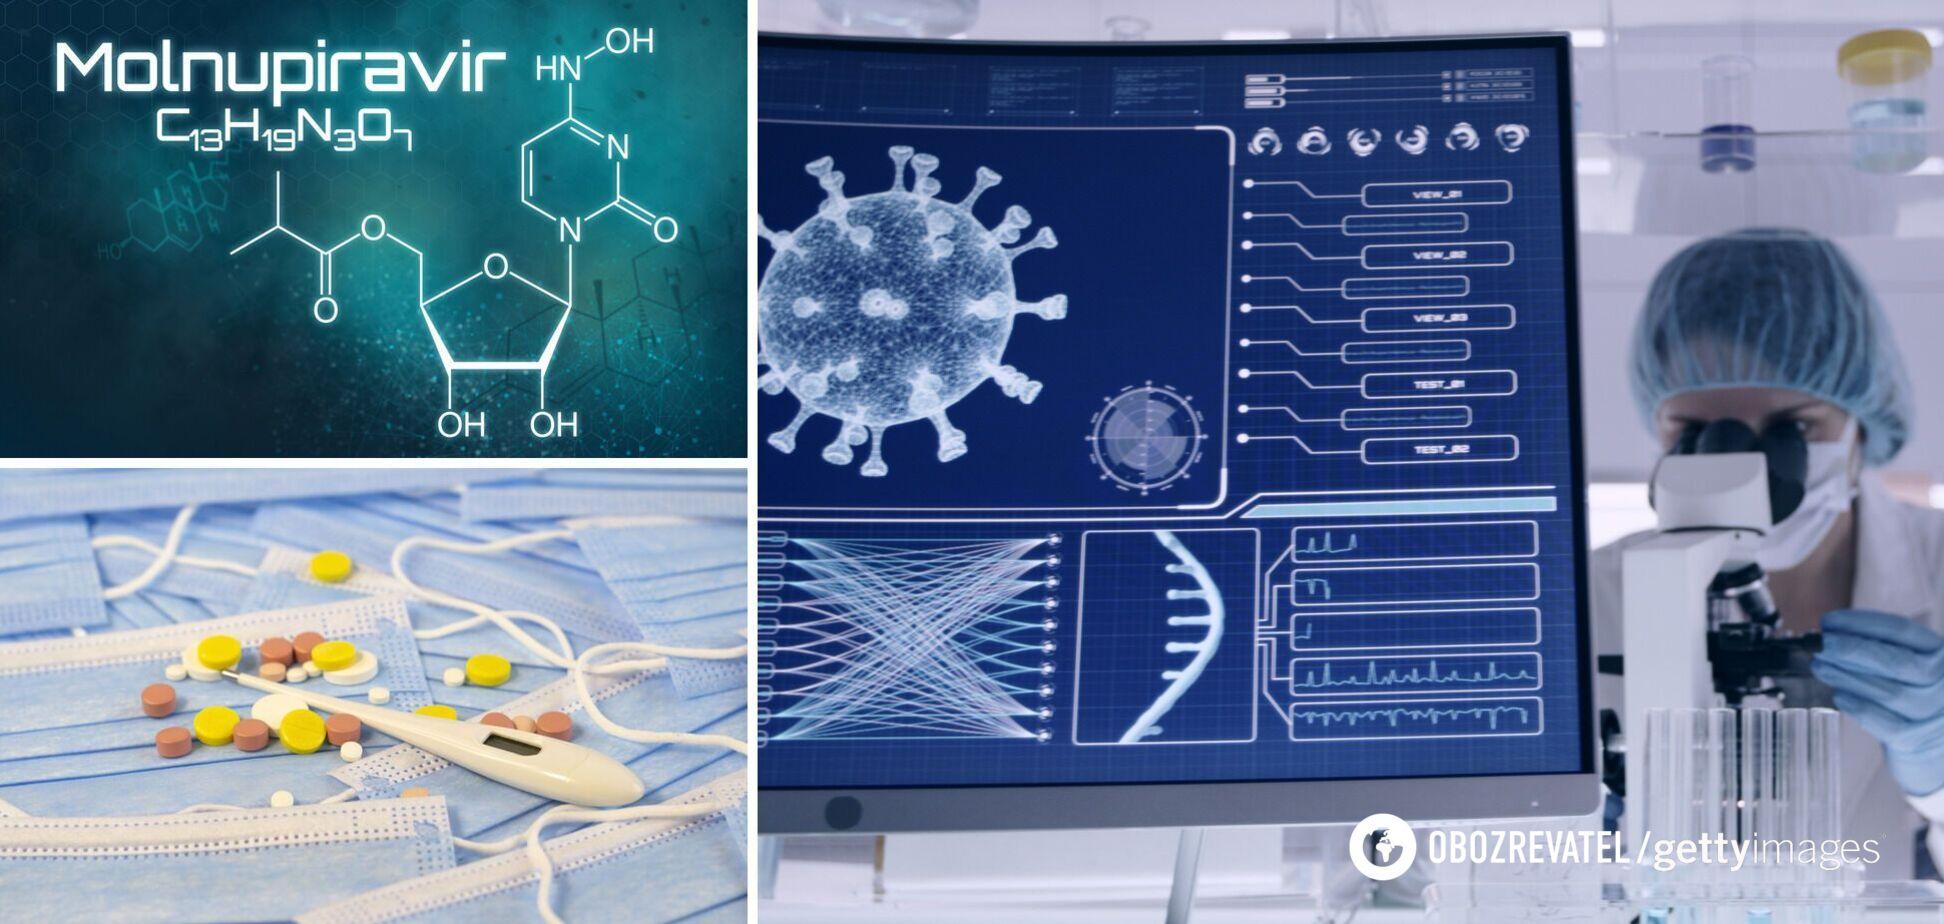 Вчені заявили про прорив у лікуванні COVID-19 експериментальним препаратом